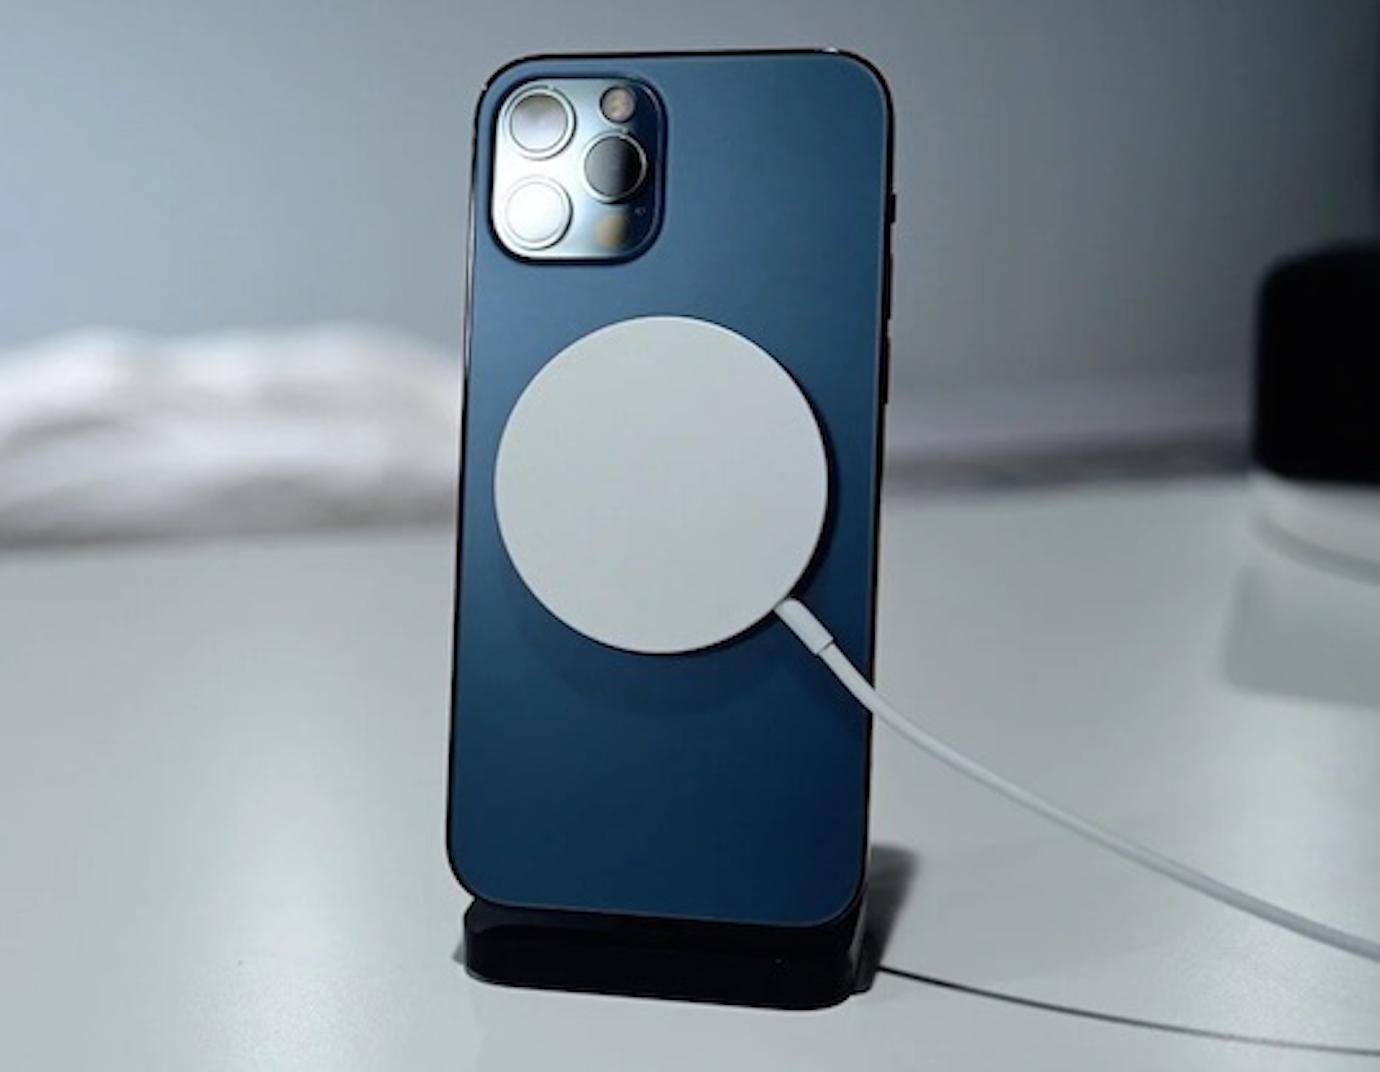 iPhone 13 Sẽ Được Trang Bị Công Nghệ Sạc Nhanh 25W